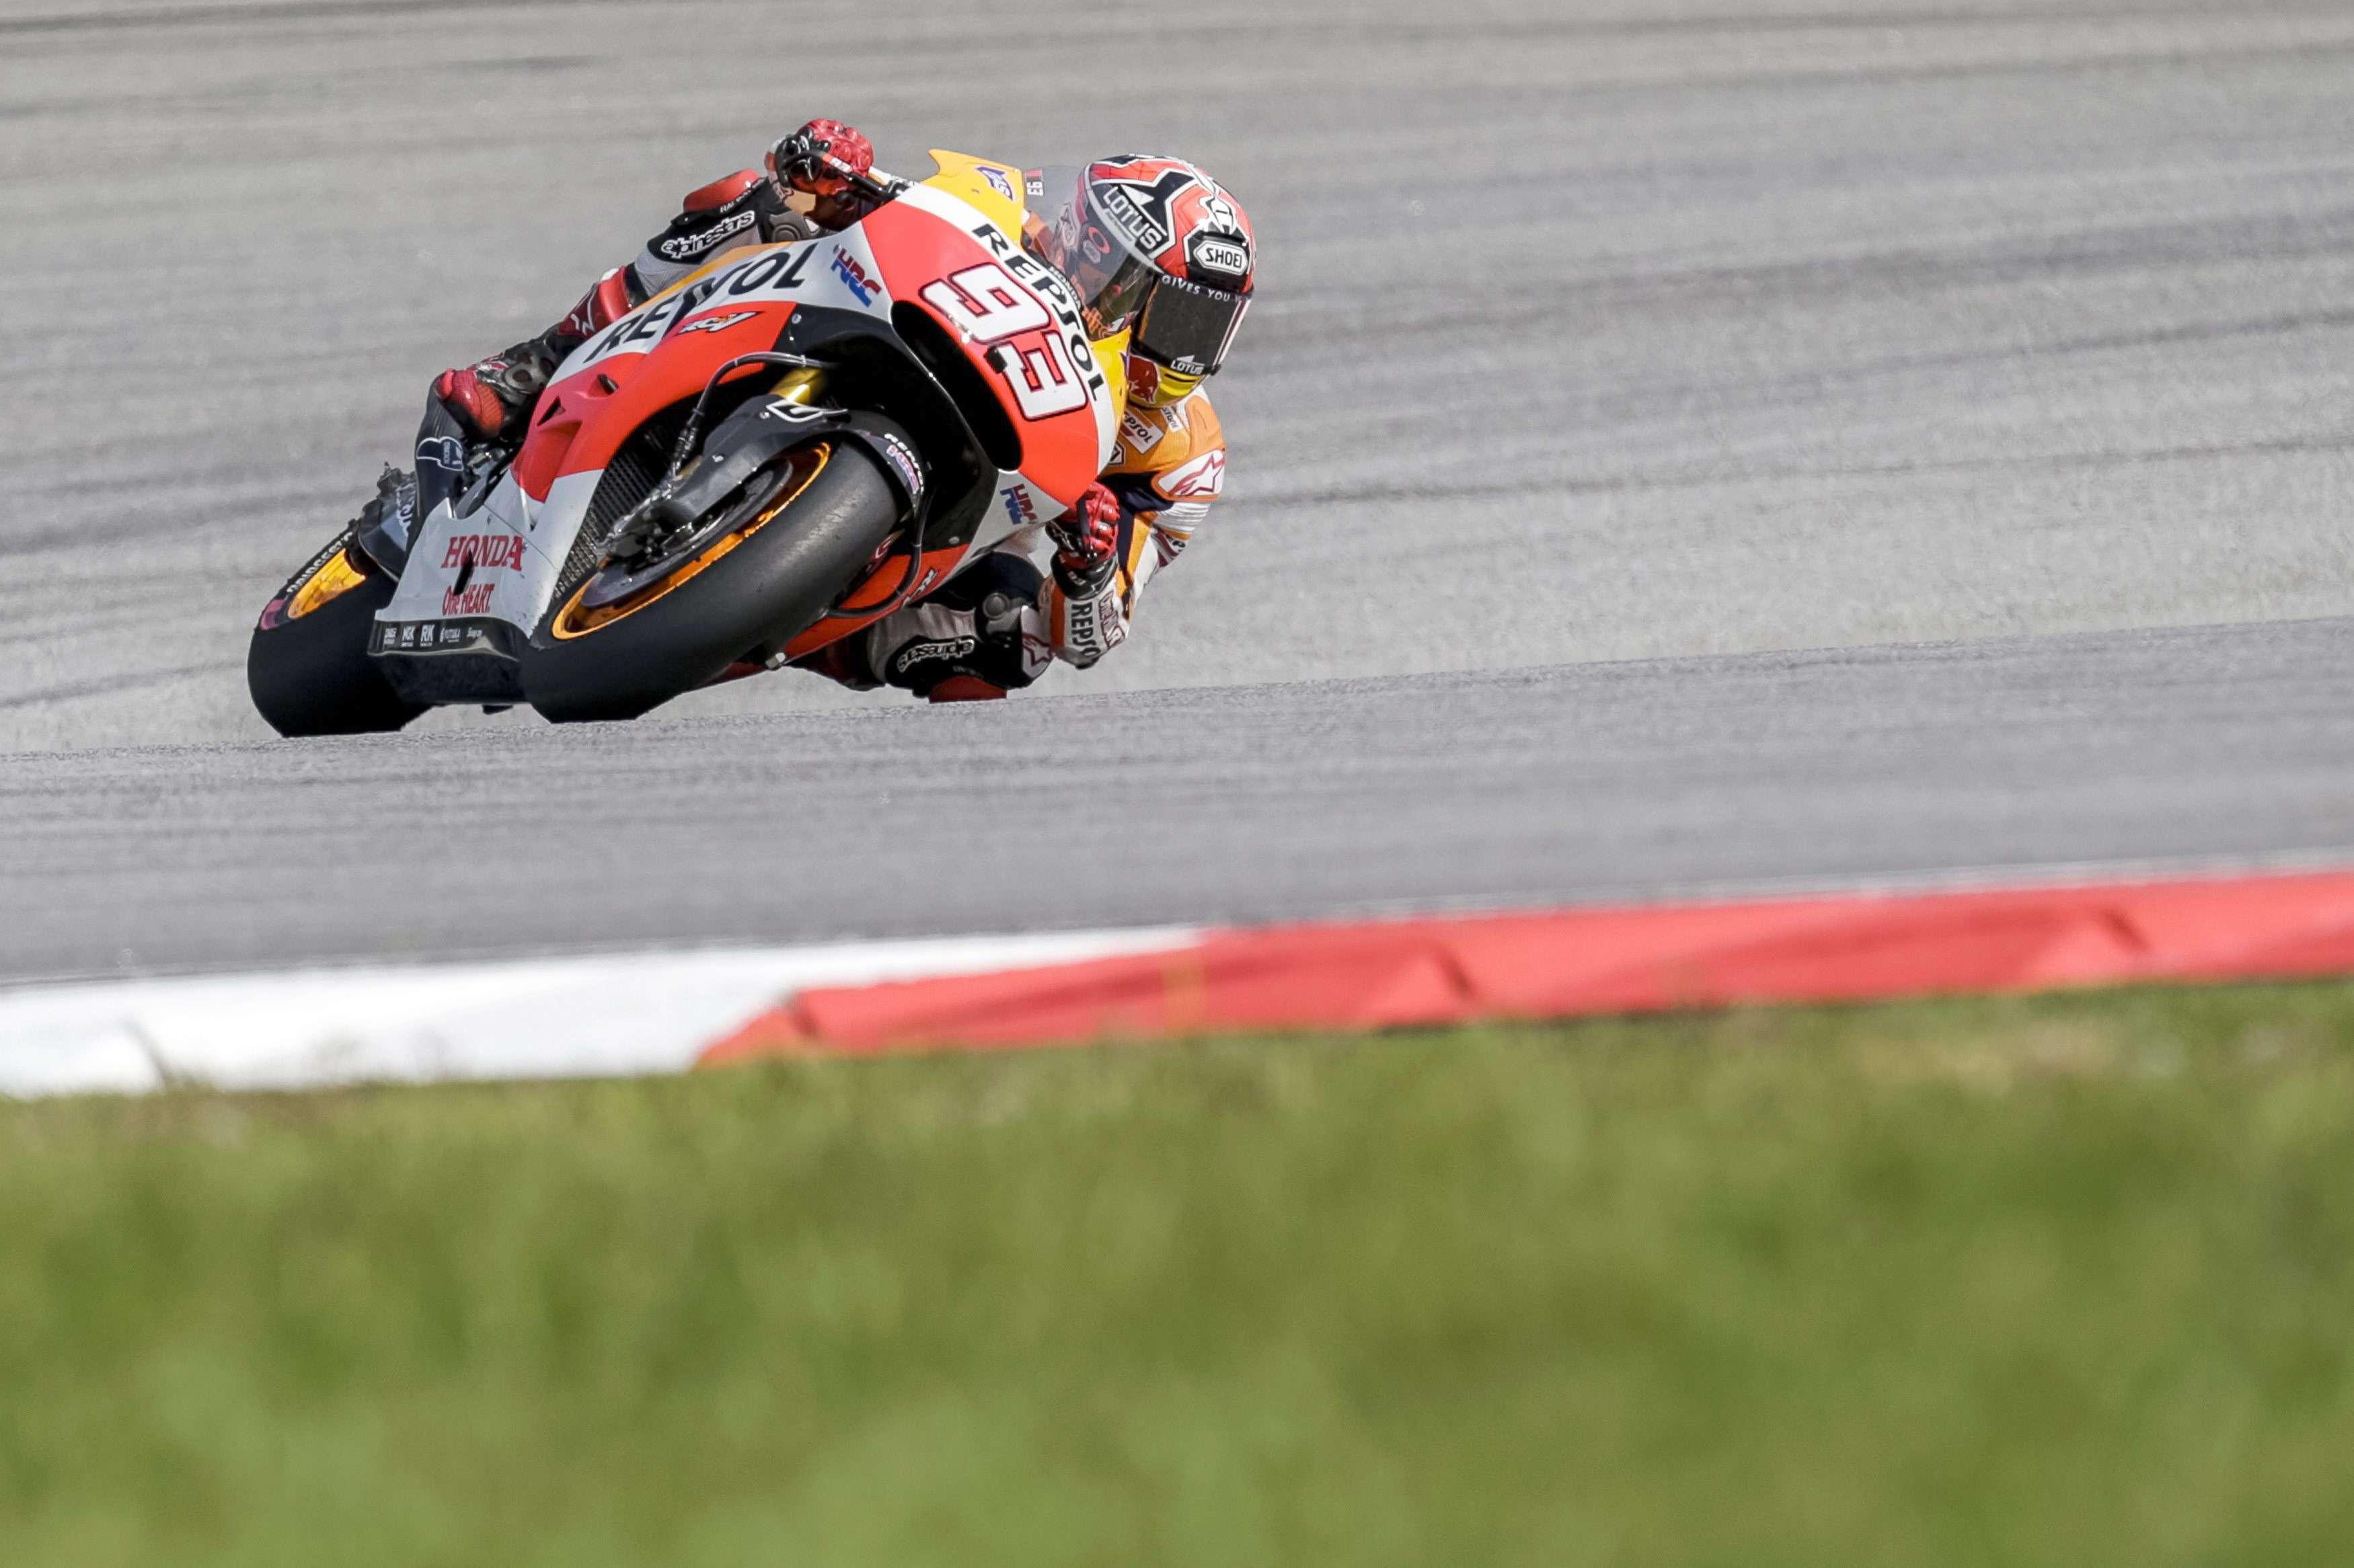 Marc Márquez toma una curva en el GP de Malasia durante la sesión de entrenamientos libres del sábado. Foto: EFE en español